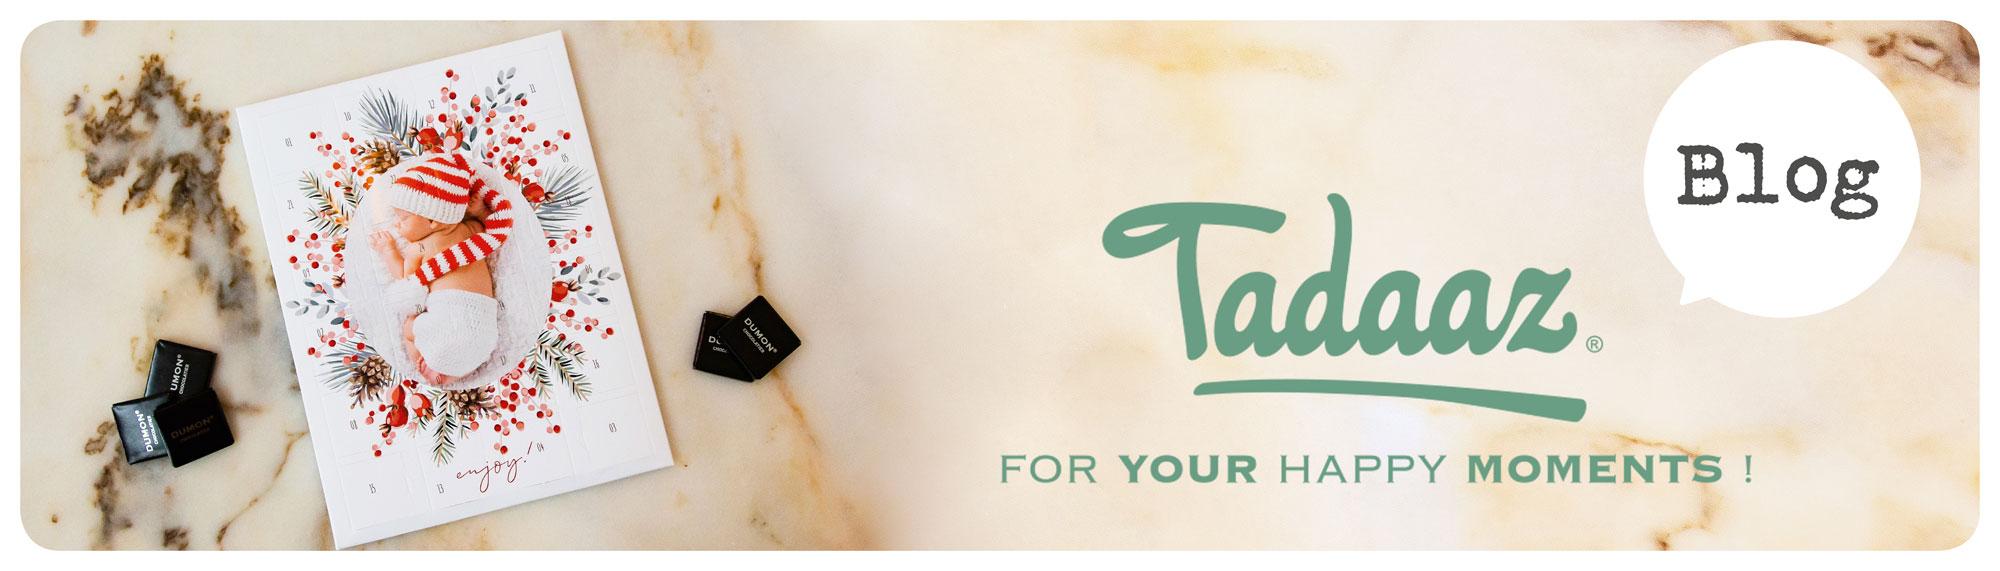 Tadaaz Blog